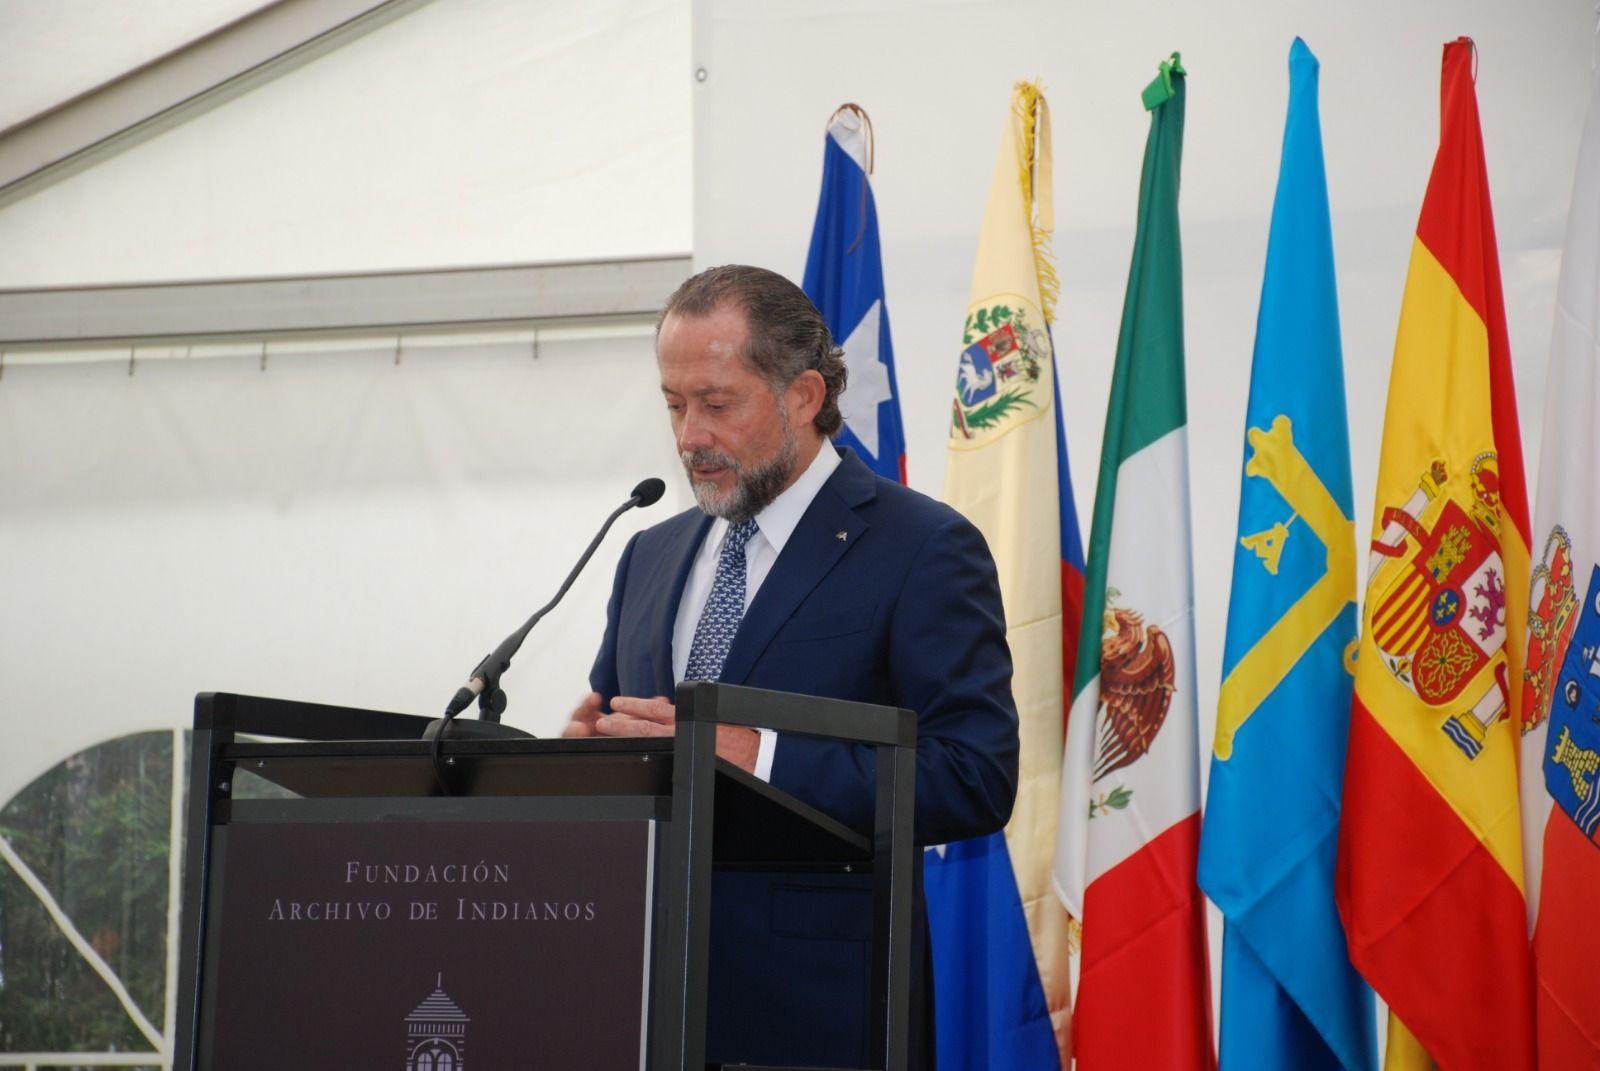 III Encuentros Hispano-Amerianos, celebrado en el Archivo de Indianos-Museo de la Emigración de Colombres